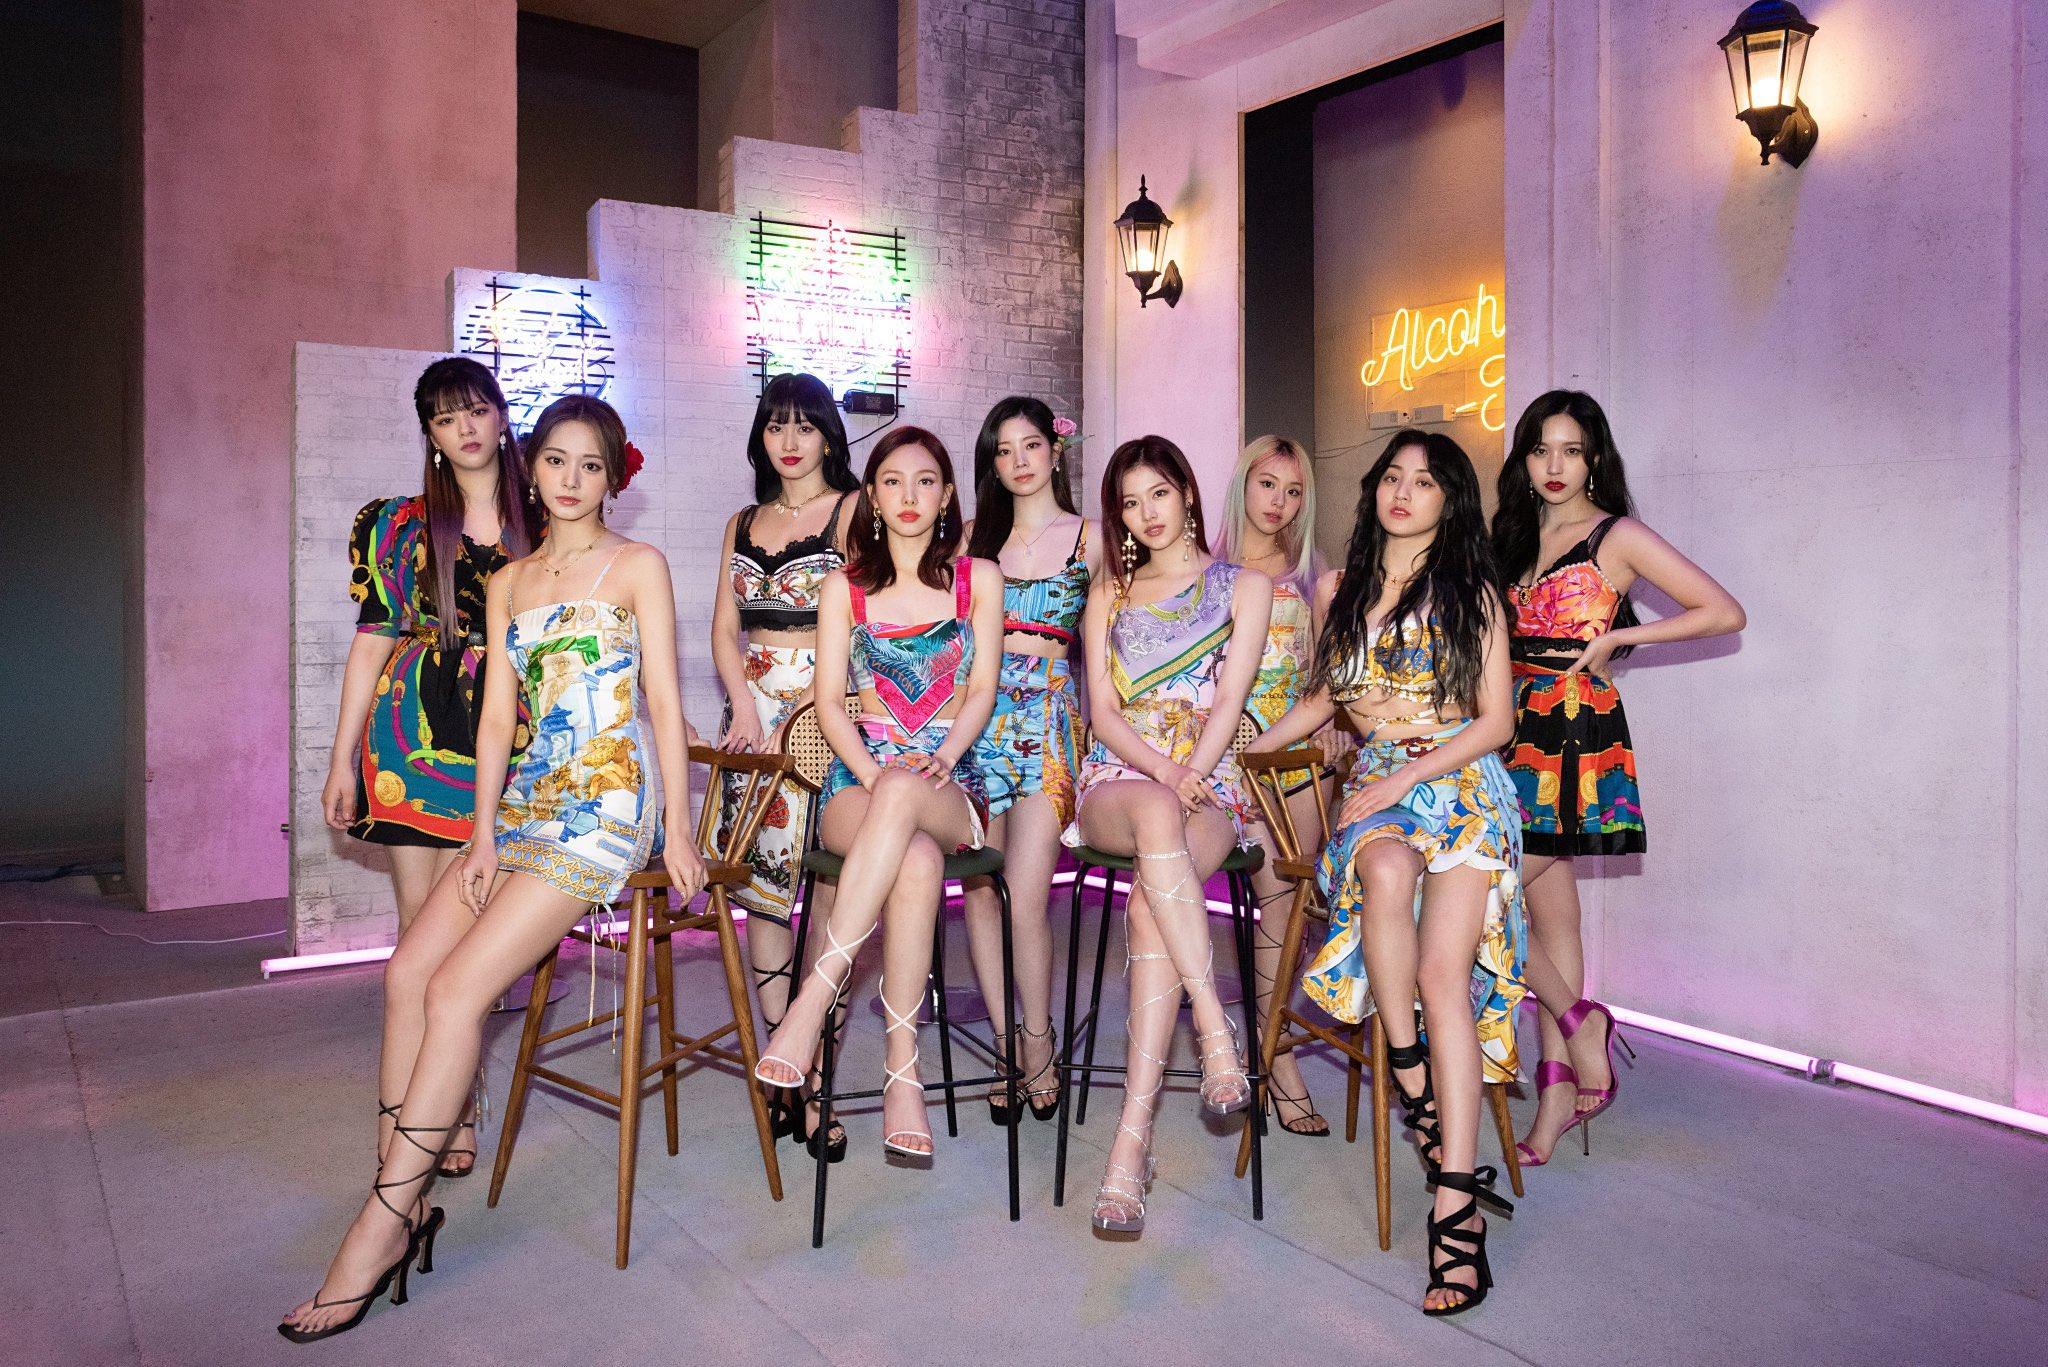 Concept trang phục thứ hai cũng đã được Twice tung ra sau đó và được netizen hết lời khen ngợi. Điều đặc biệt trong những outfit lần này của girlgroup nhà JYP là trang phục được chế từ các kiểu khăn bandana. Stylist đã sử dụng nhiều chiếc khăn họa tiết hàng hiệu khác nhau để biến thành những bộ váy áo rất nổi bật. Vốn là nhóm thường xuyên bị chê mặc xấu, visual lần này của Twice gây bất ngờ vì độ sành điệu, hợp mốt.